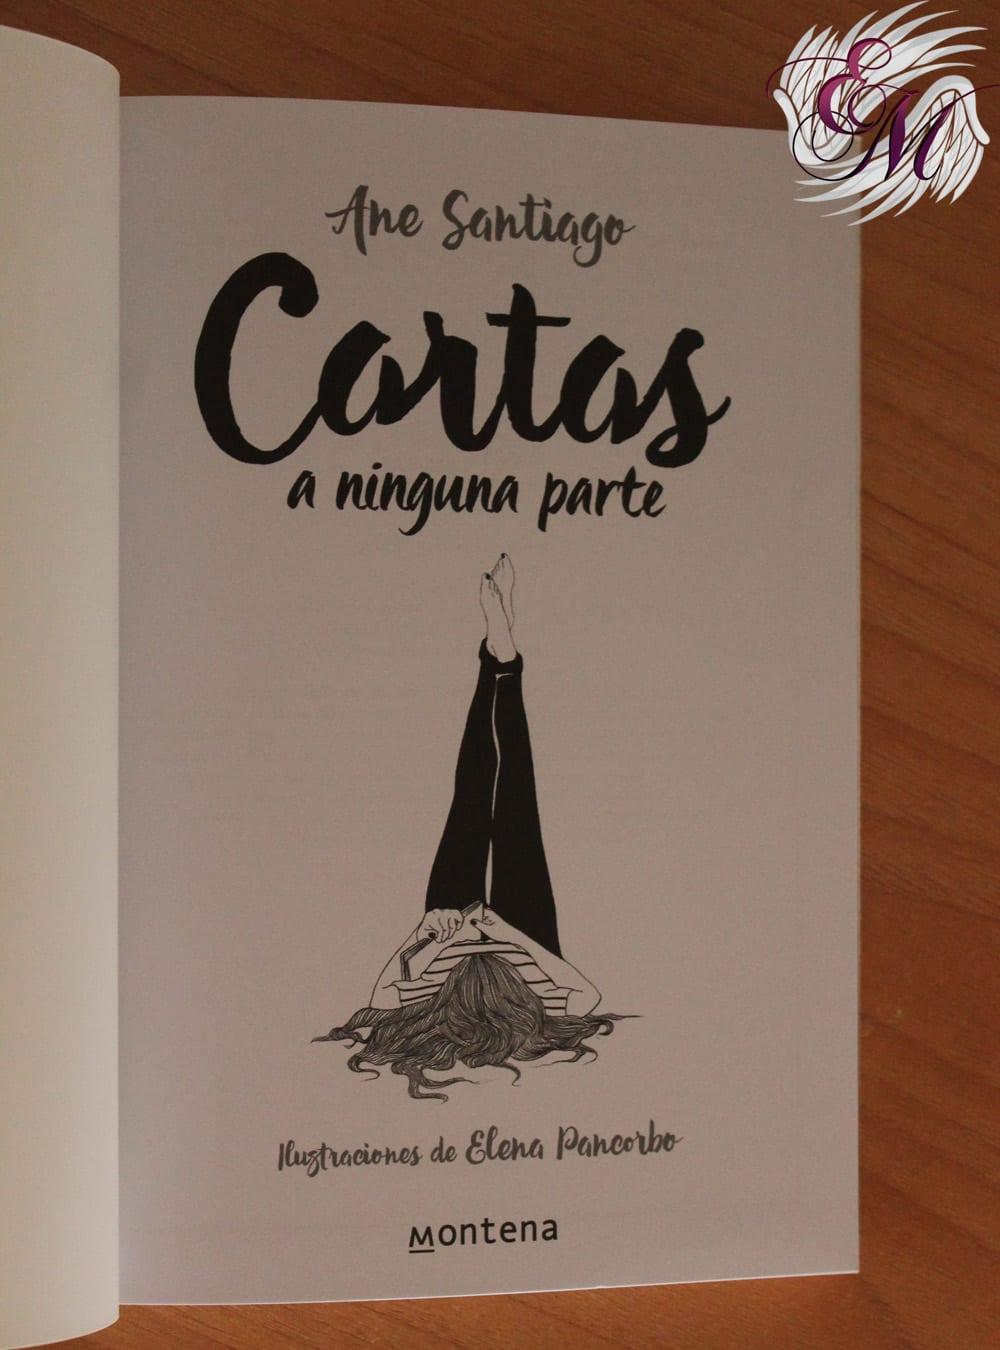 Cartas a ninguna parte, Ane Santiago y Elena Pancorbo - Reseña